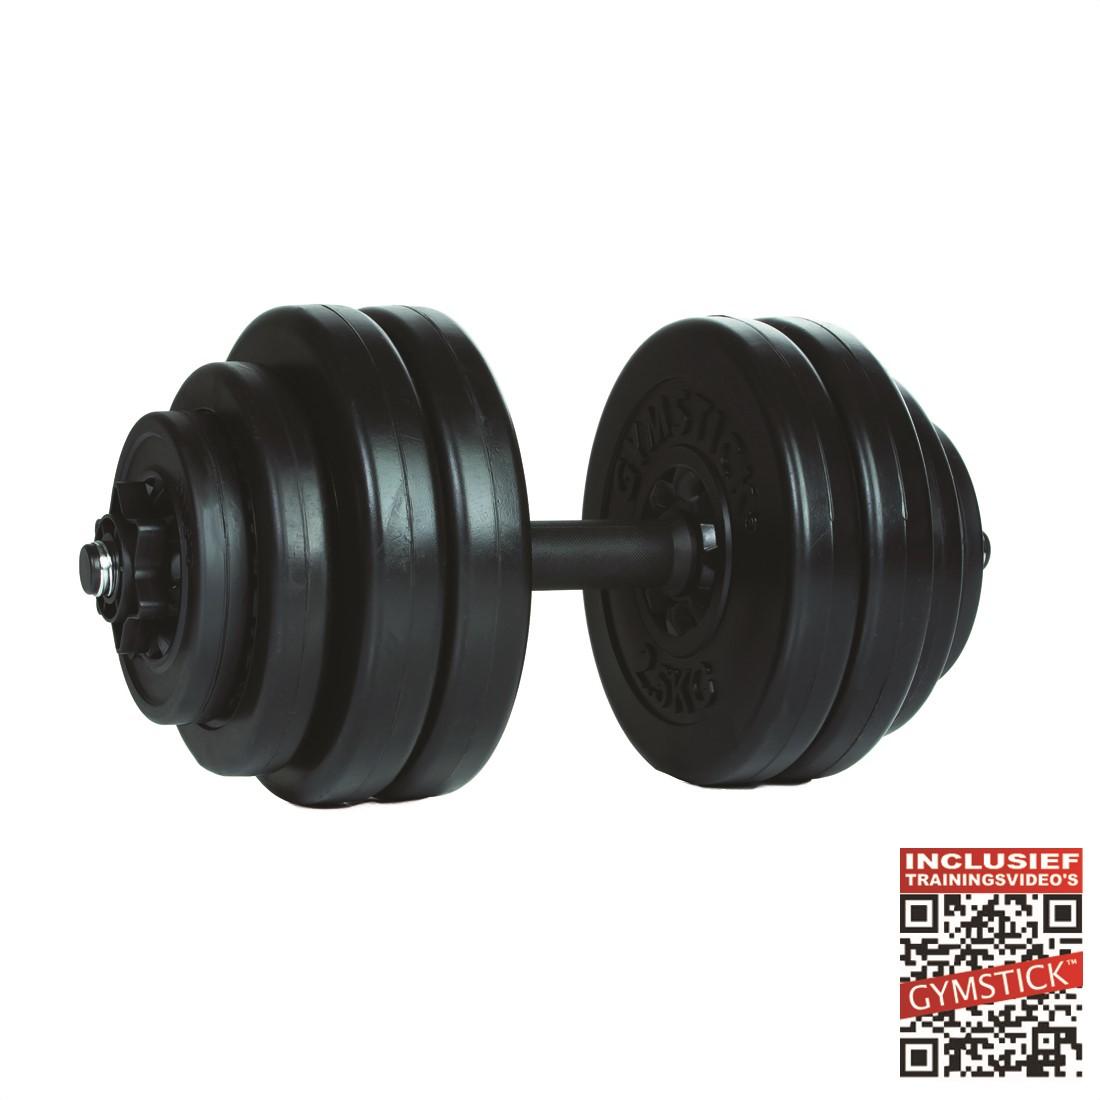 Gymstick Vinyl Dumbbell Set - 1 x 15 kg - Met Online Trainingsvideo's